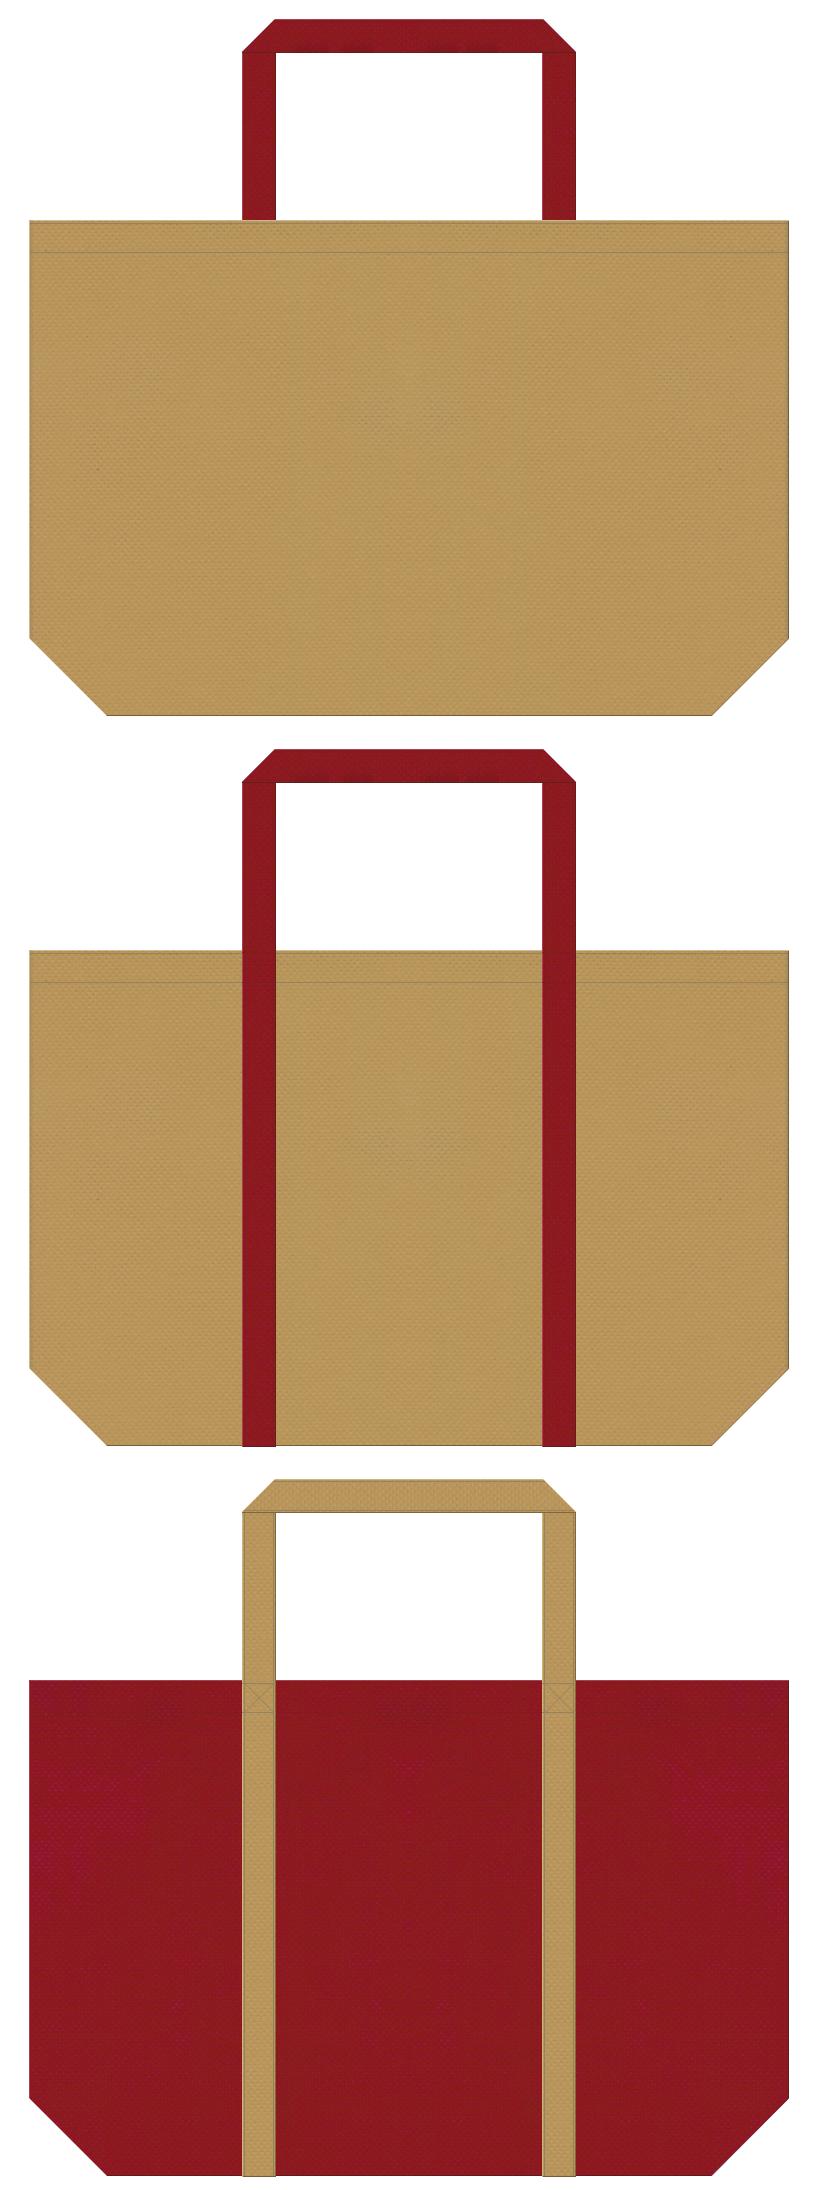 金色系黄土色とエンジ色の不織布バッグデザイン。和風柄にお奨めです。